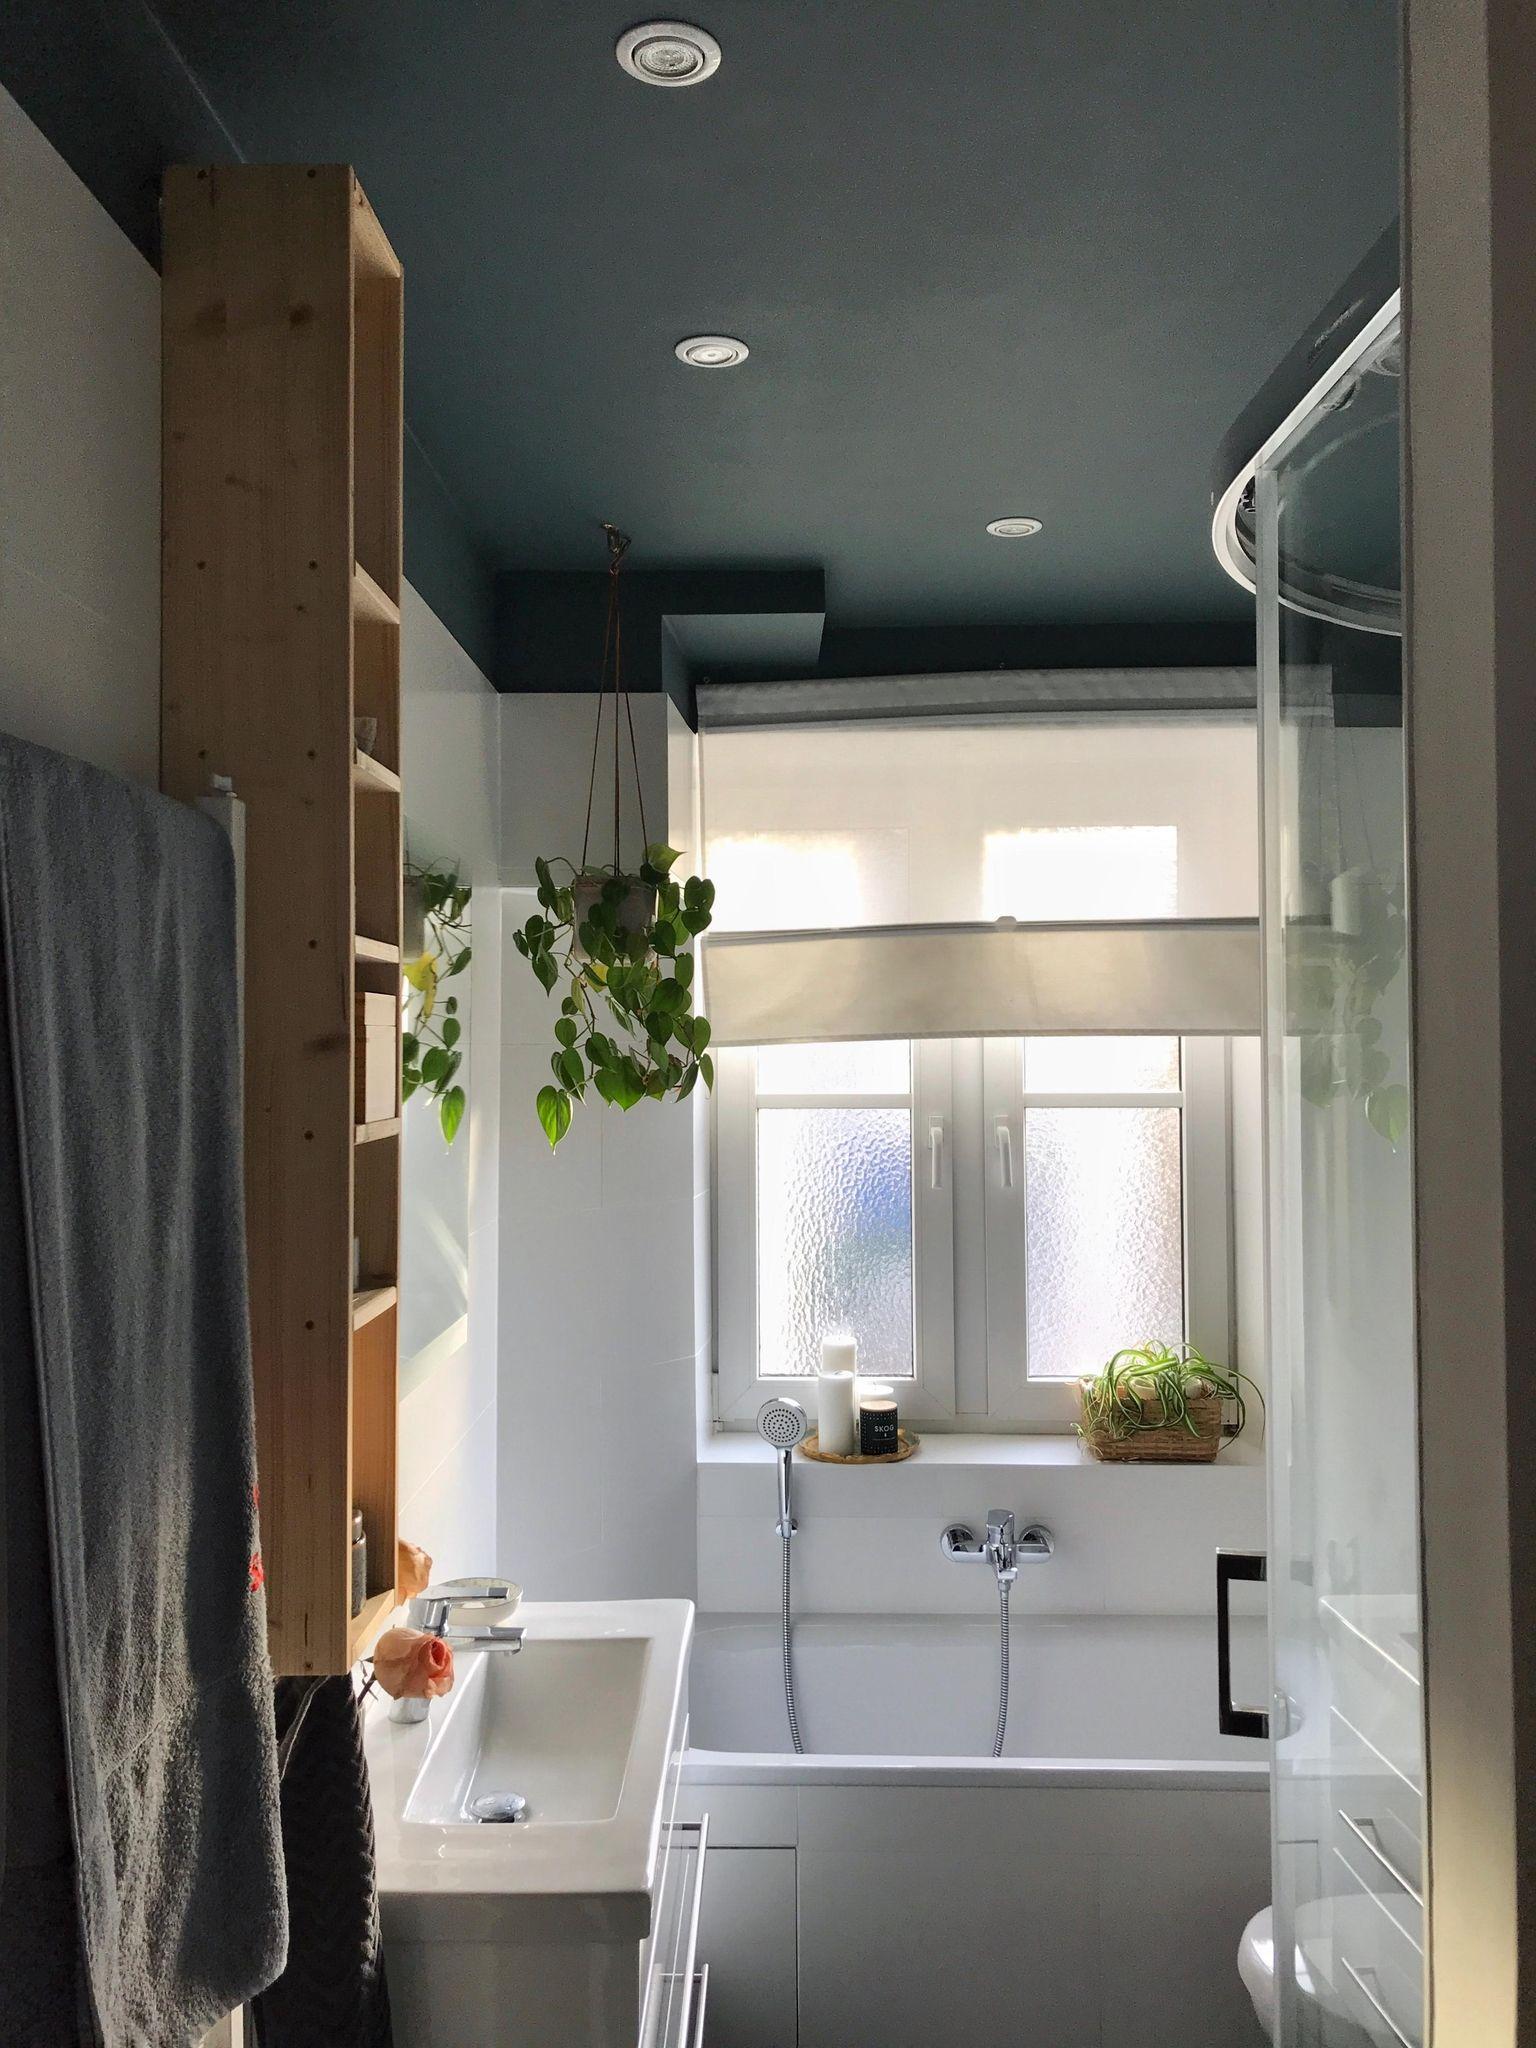 Innendesign Ideen Badezimmer Schwarze Decke Weisse Wandfliesen Zimmerdecken Badezimmer Decken Lampe Badezimmer